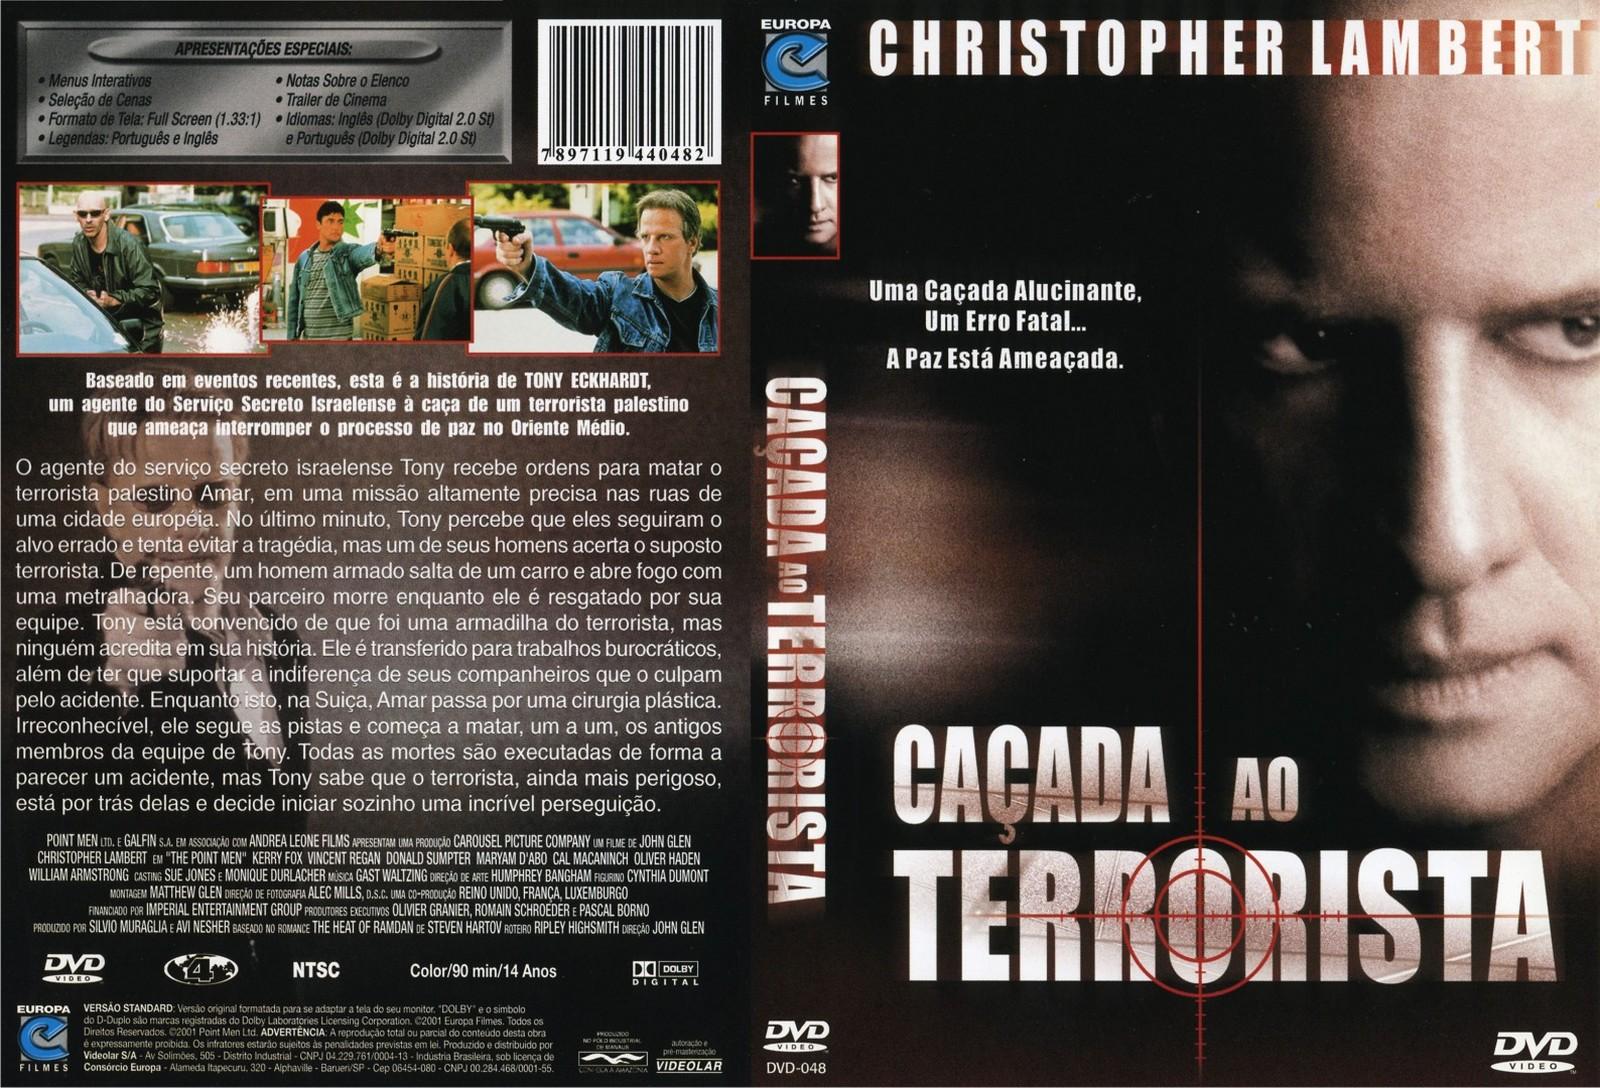 http://2.bp.blogspot.com/-CsWlNHhhMFs/T9XoWQQ1DtI/AAAAAAAACxw/ceACv4yQsJw/s1600/caadaaoterrorista.jpg